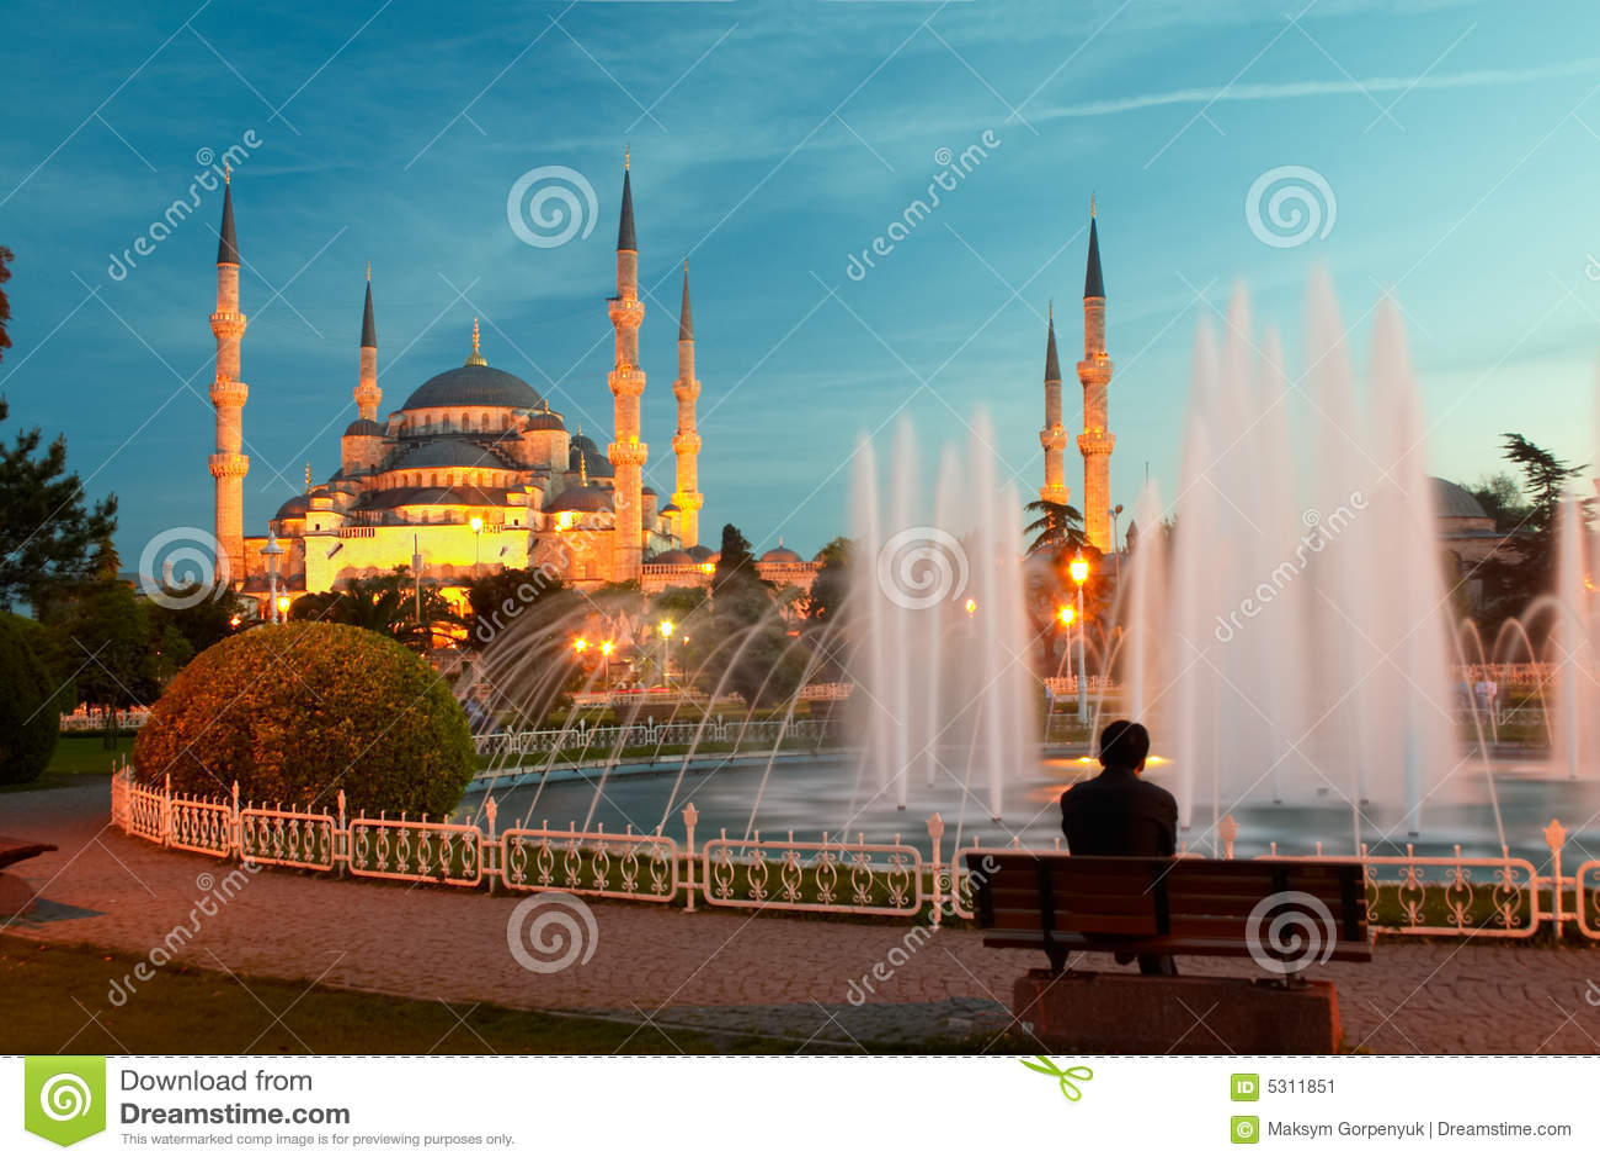 Download Equipaggi La Seduta Su Un Banco Vicino Della Moschea Blu Immagine Stock - Immagine di serenity, costruzione: 5311851